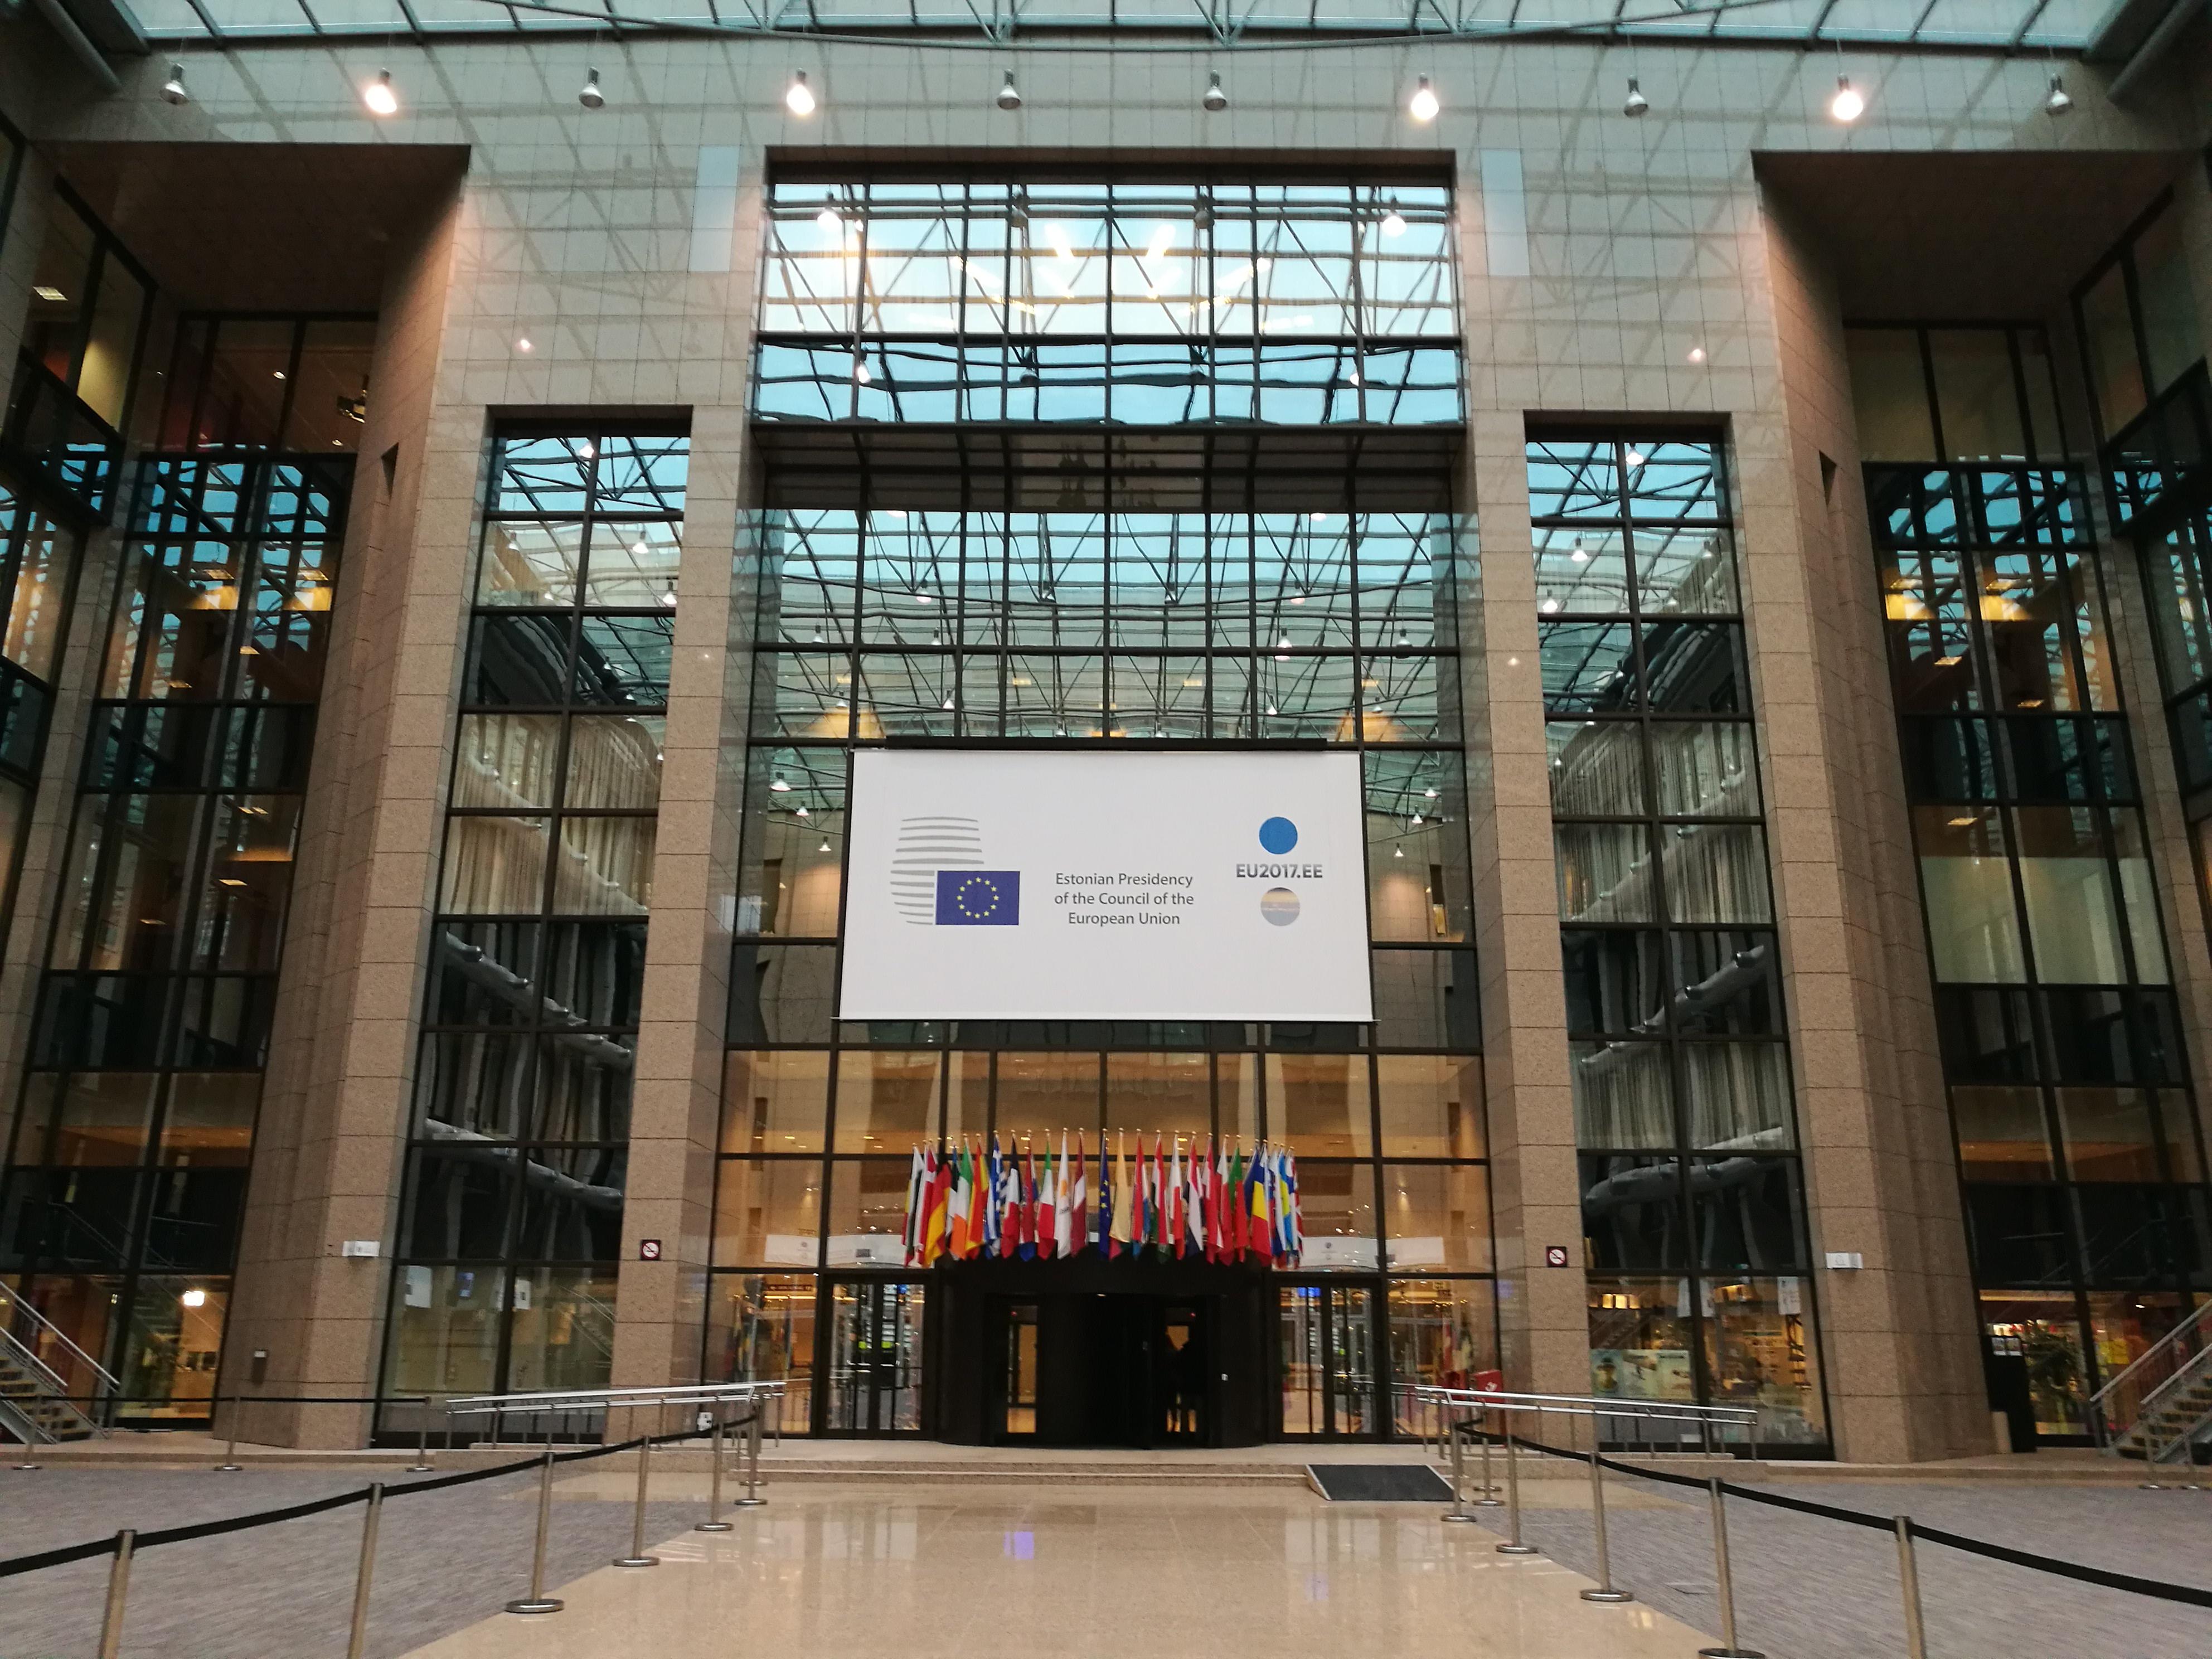 Der (Minister) RAT DER EUROPÄISCHEN UNION vertritt die EU-Mitgliedstaaten und ist Mitentscheider im EU-Gesetzgebungsprozess. Die Mitgliedstaaten werden zudem vom EUROPÄISCHEN RAT auf Ebene der Staats- und Regierungschefs vertreten. Diesem Gremium gehört auch die Hohe Vertreterin für Außen- und Sicherheitspolitik der EU und der EU-Kommissionspräsident an. Es entscheidet über die allgemeine Ausrichtung der EU-Politik und ihre Prioritäten.